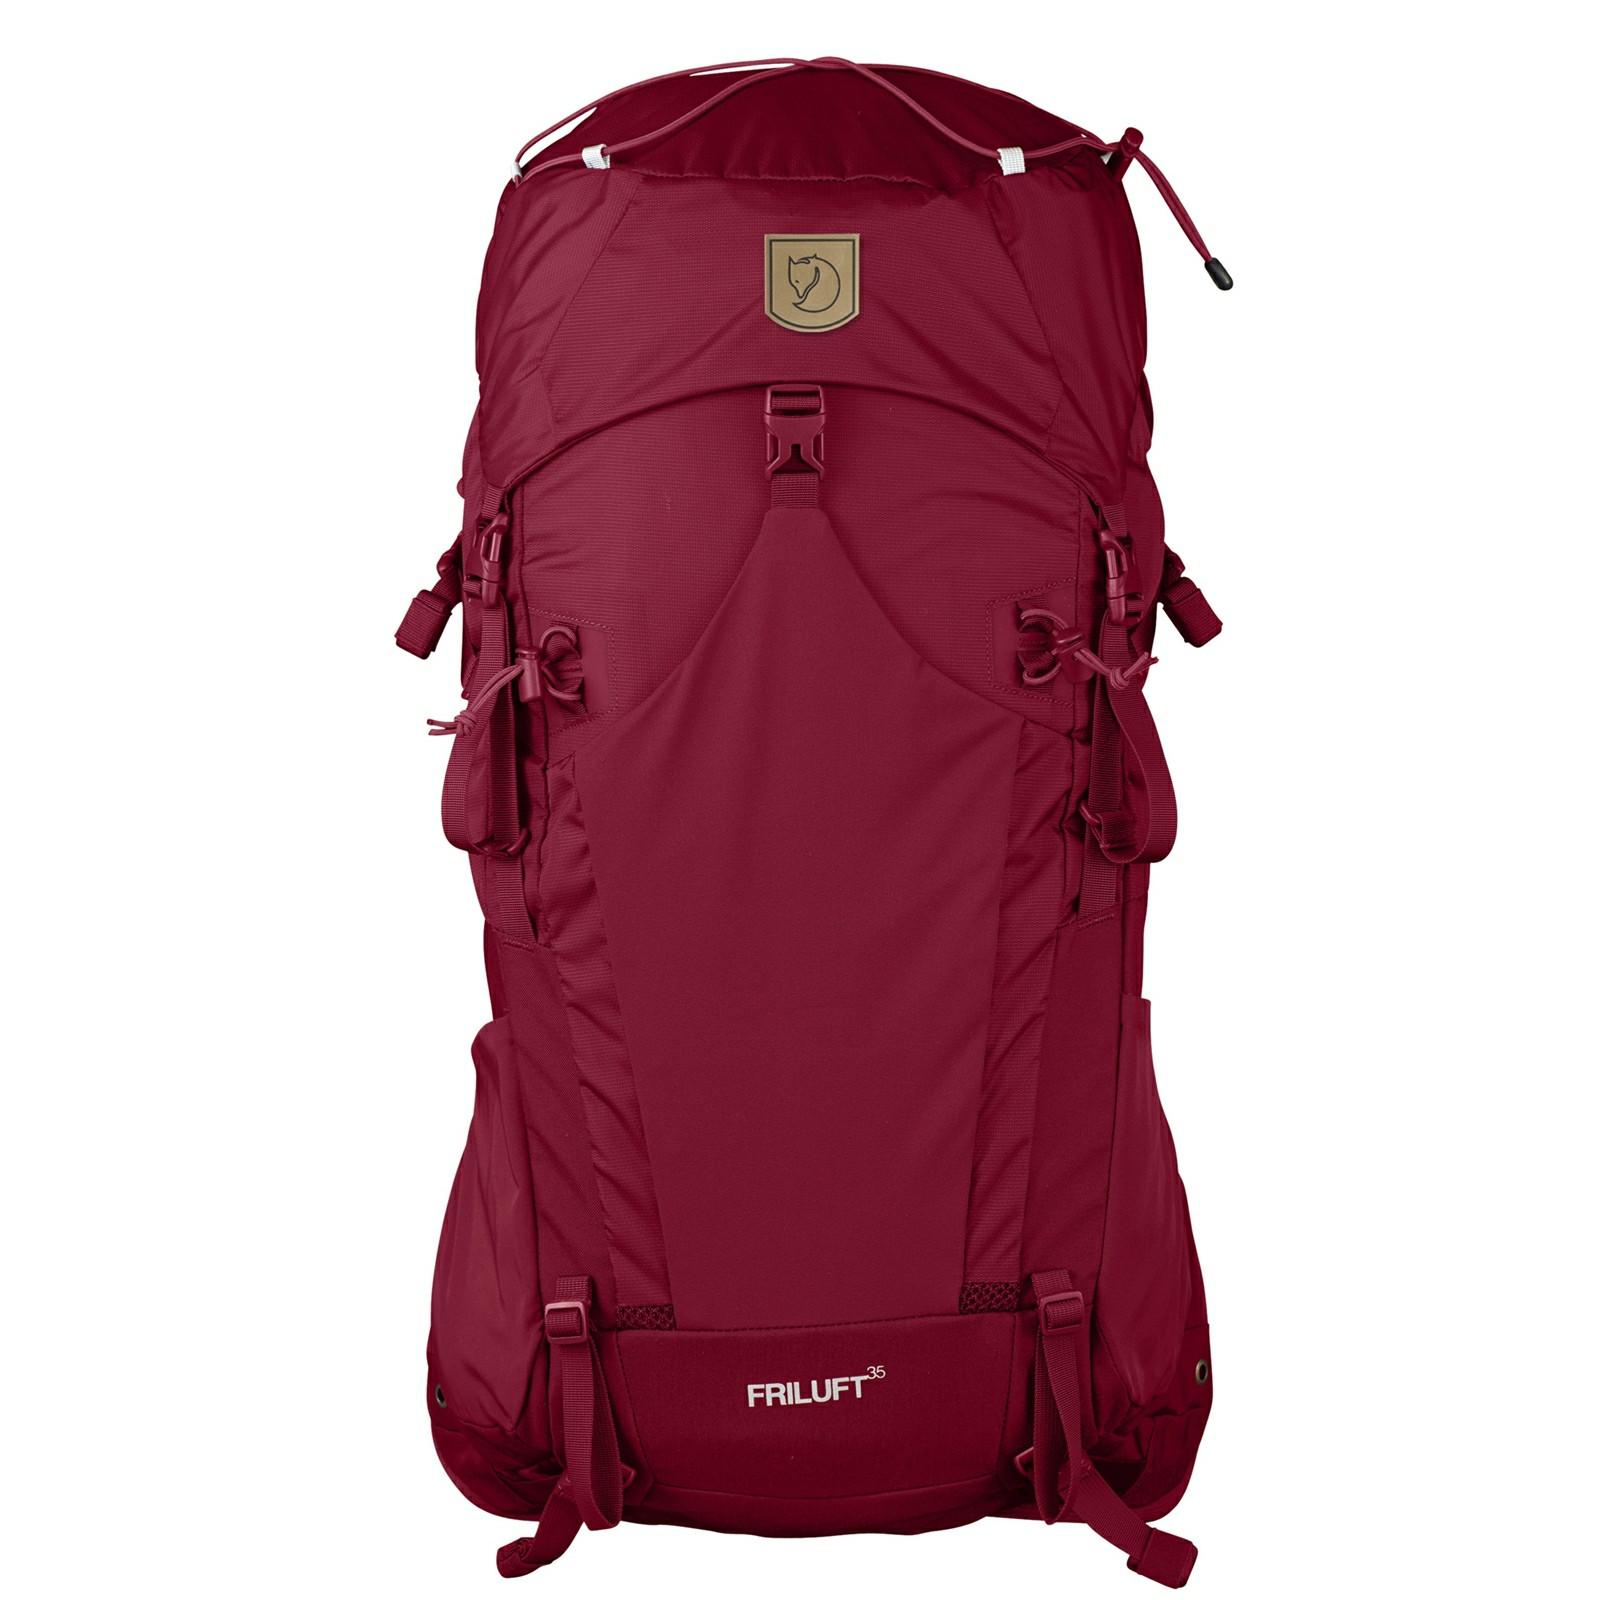 Fjällräven Friluft rygsæk med klap 35 L